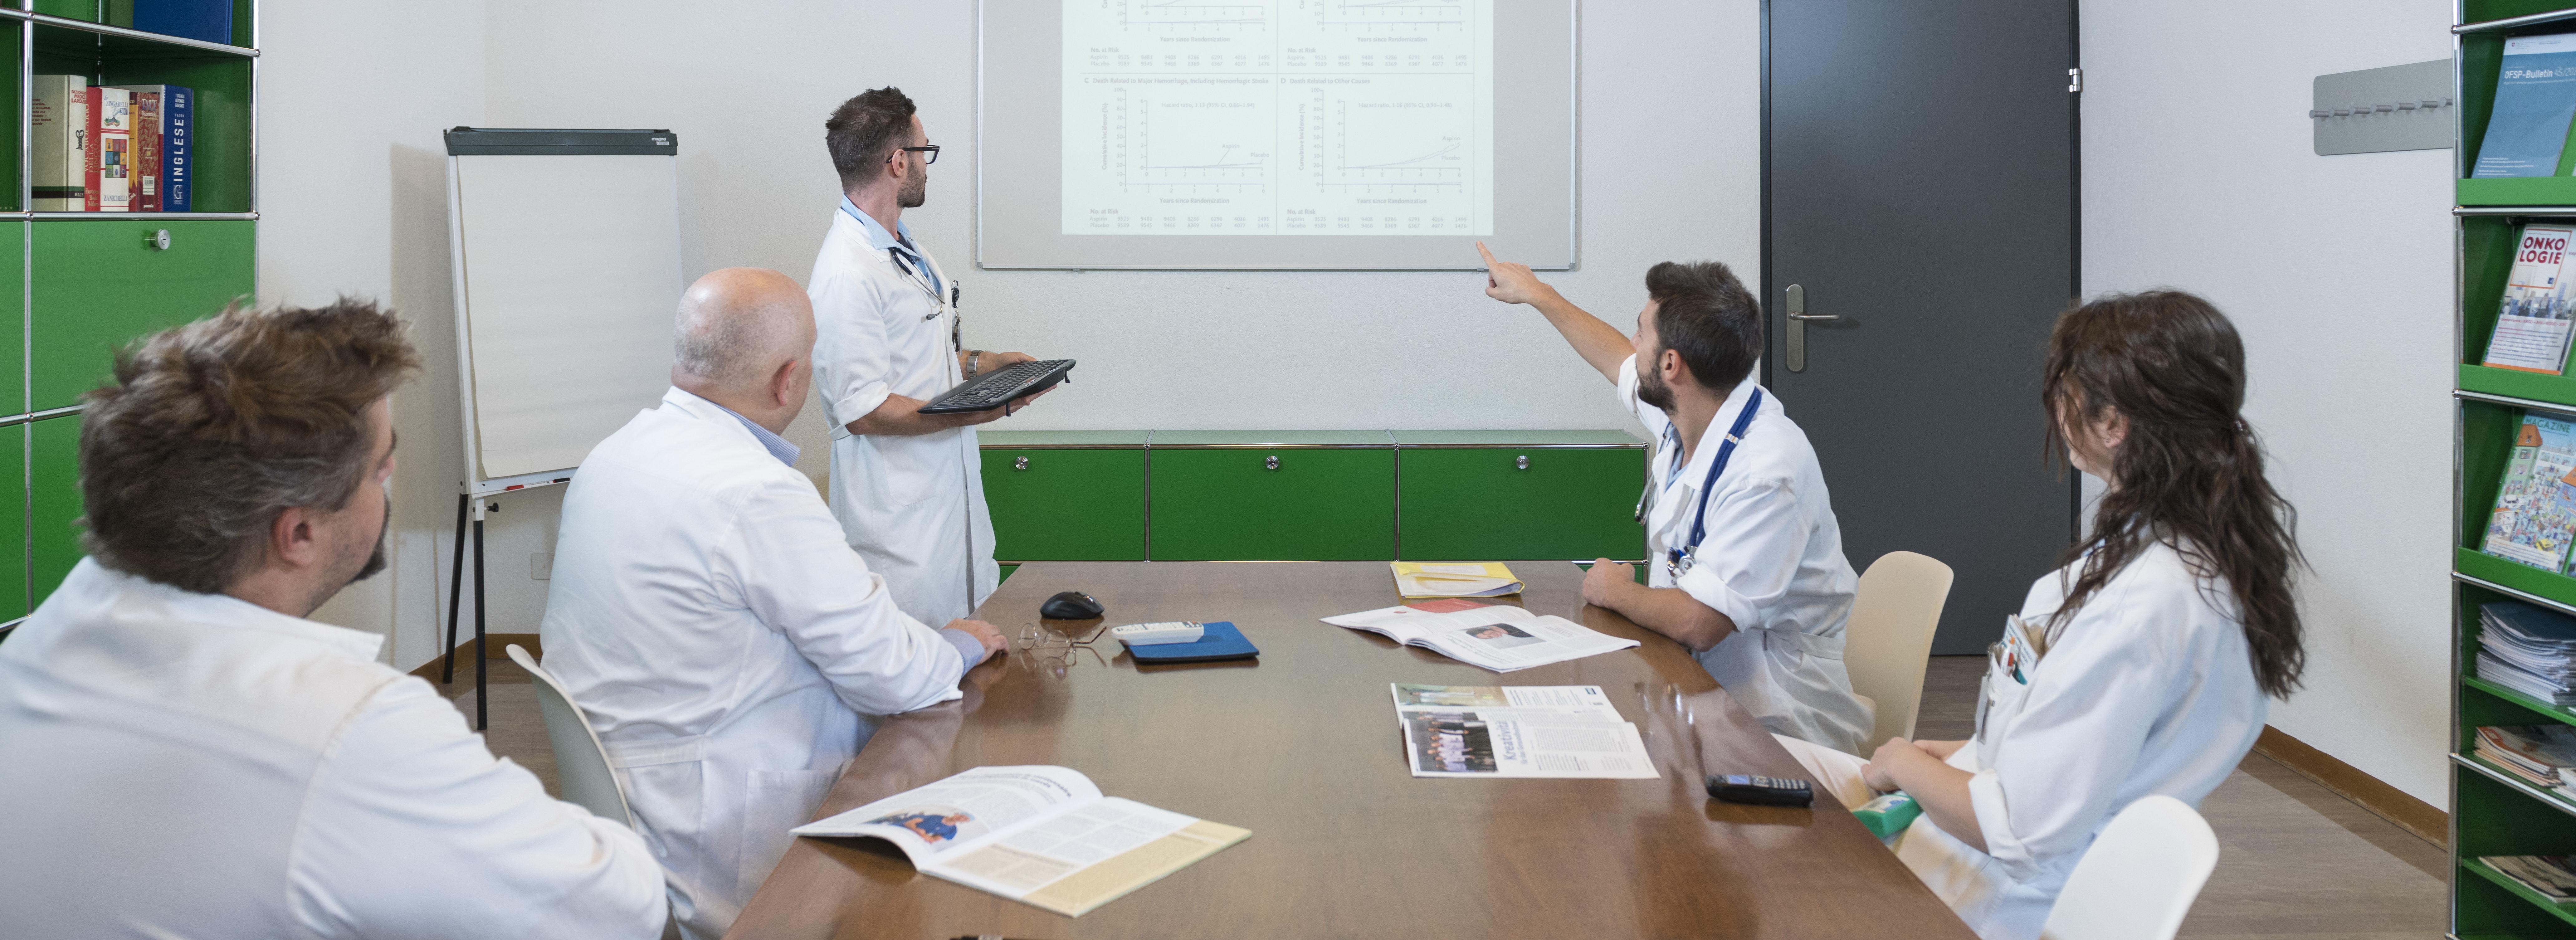 Certificato di centro di perfezionamento professionale medico SIWF 2020